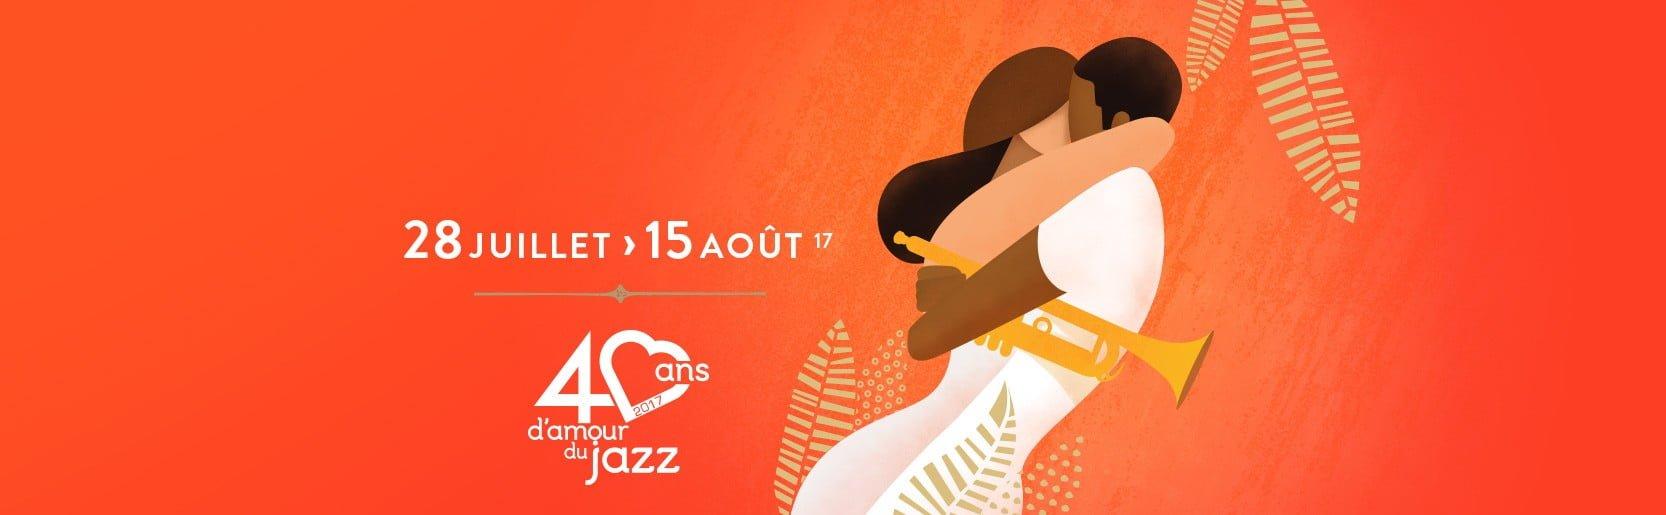 Festival Marciac 40 ans